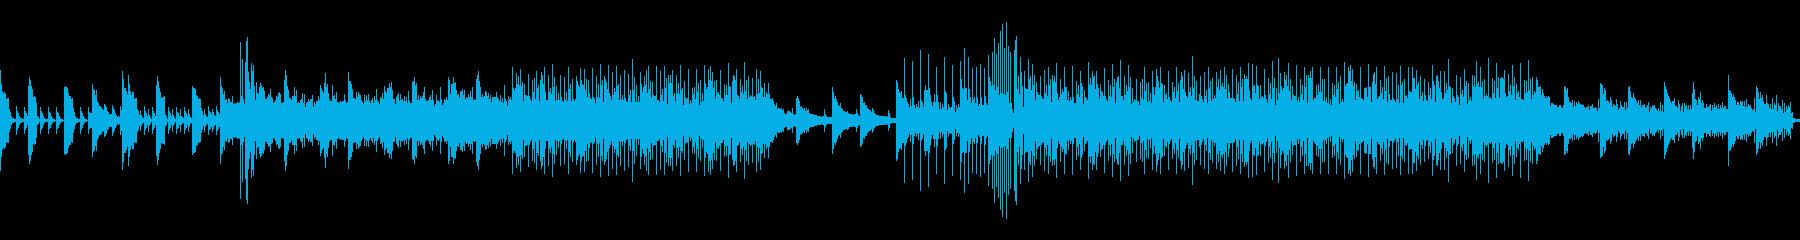 シリアスなピアノとシンセサウンドの再生済みの波形